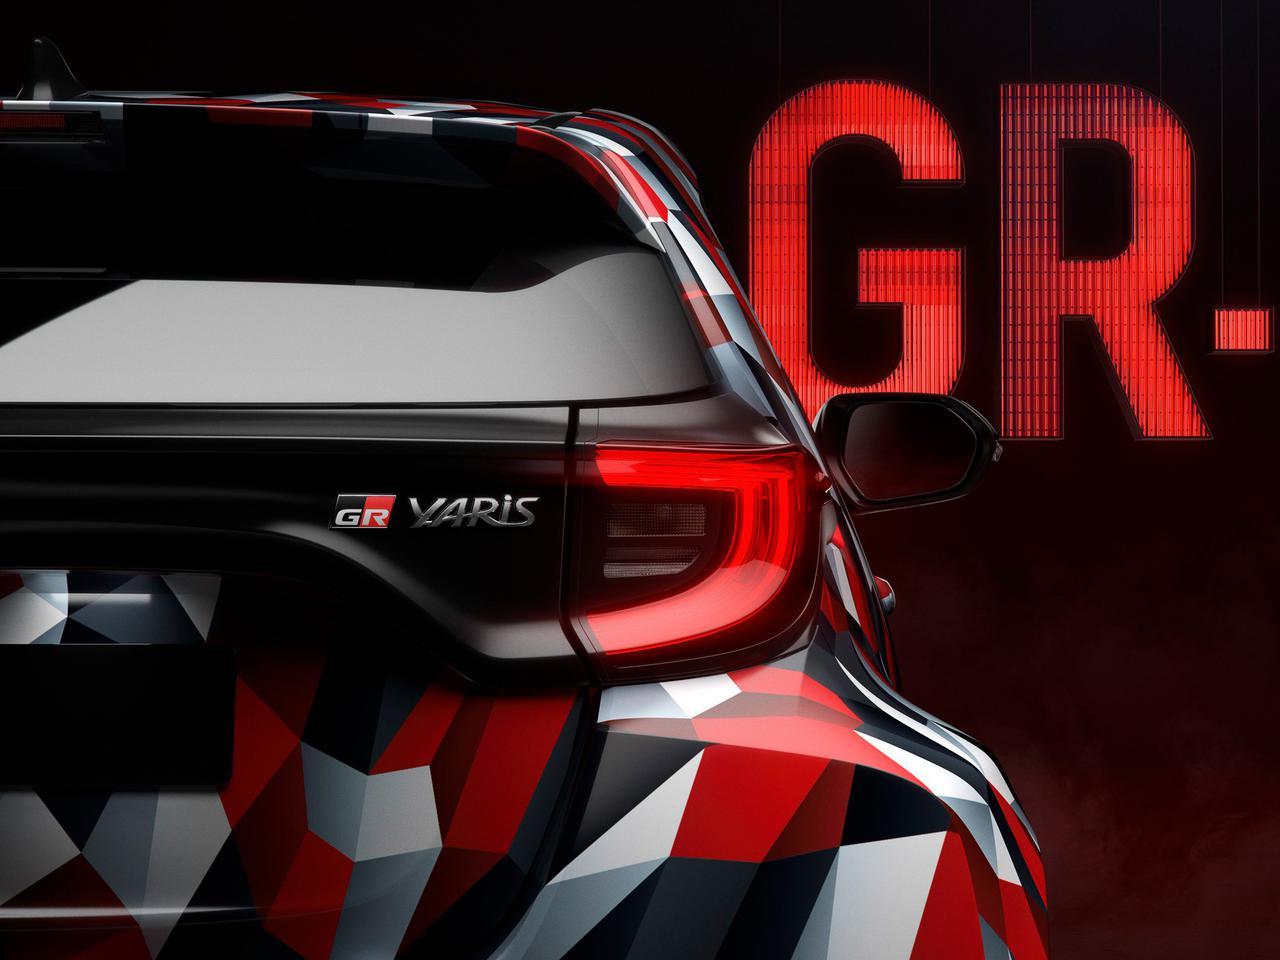 【スクープ】新型ヤリスの「GR-4」がGRMNの正体? 3気筒ターボを搭載して2020年内に発売か